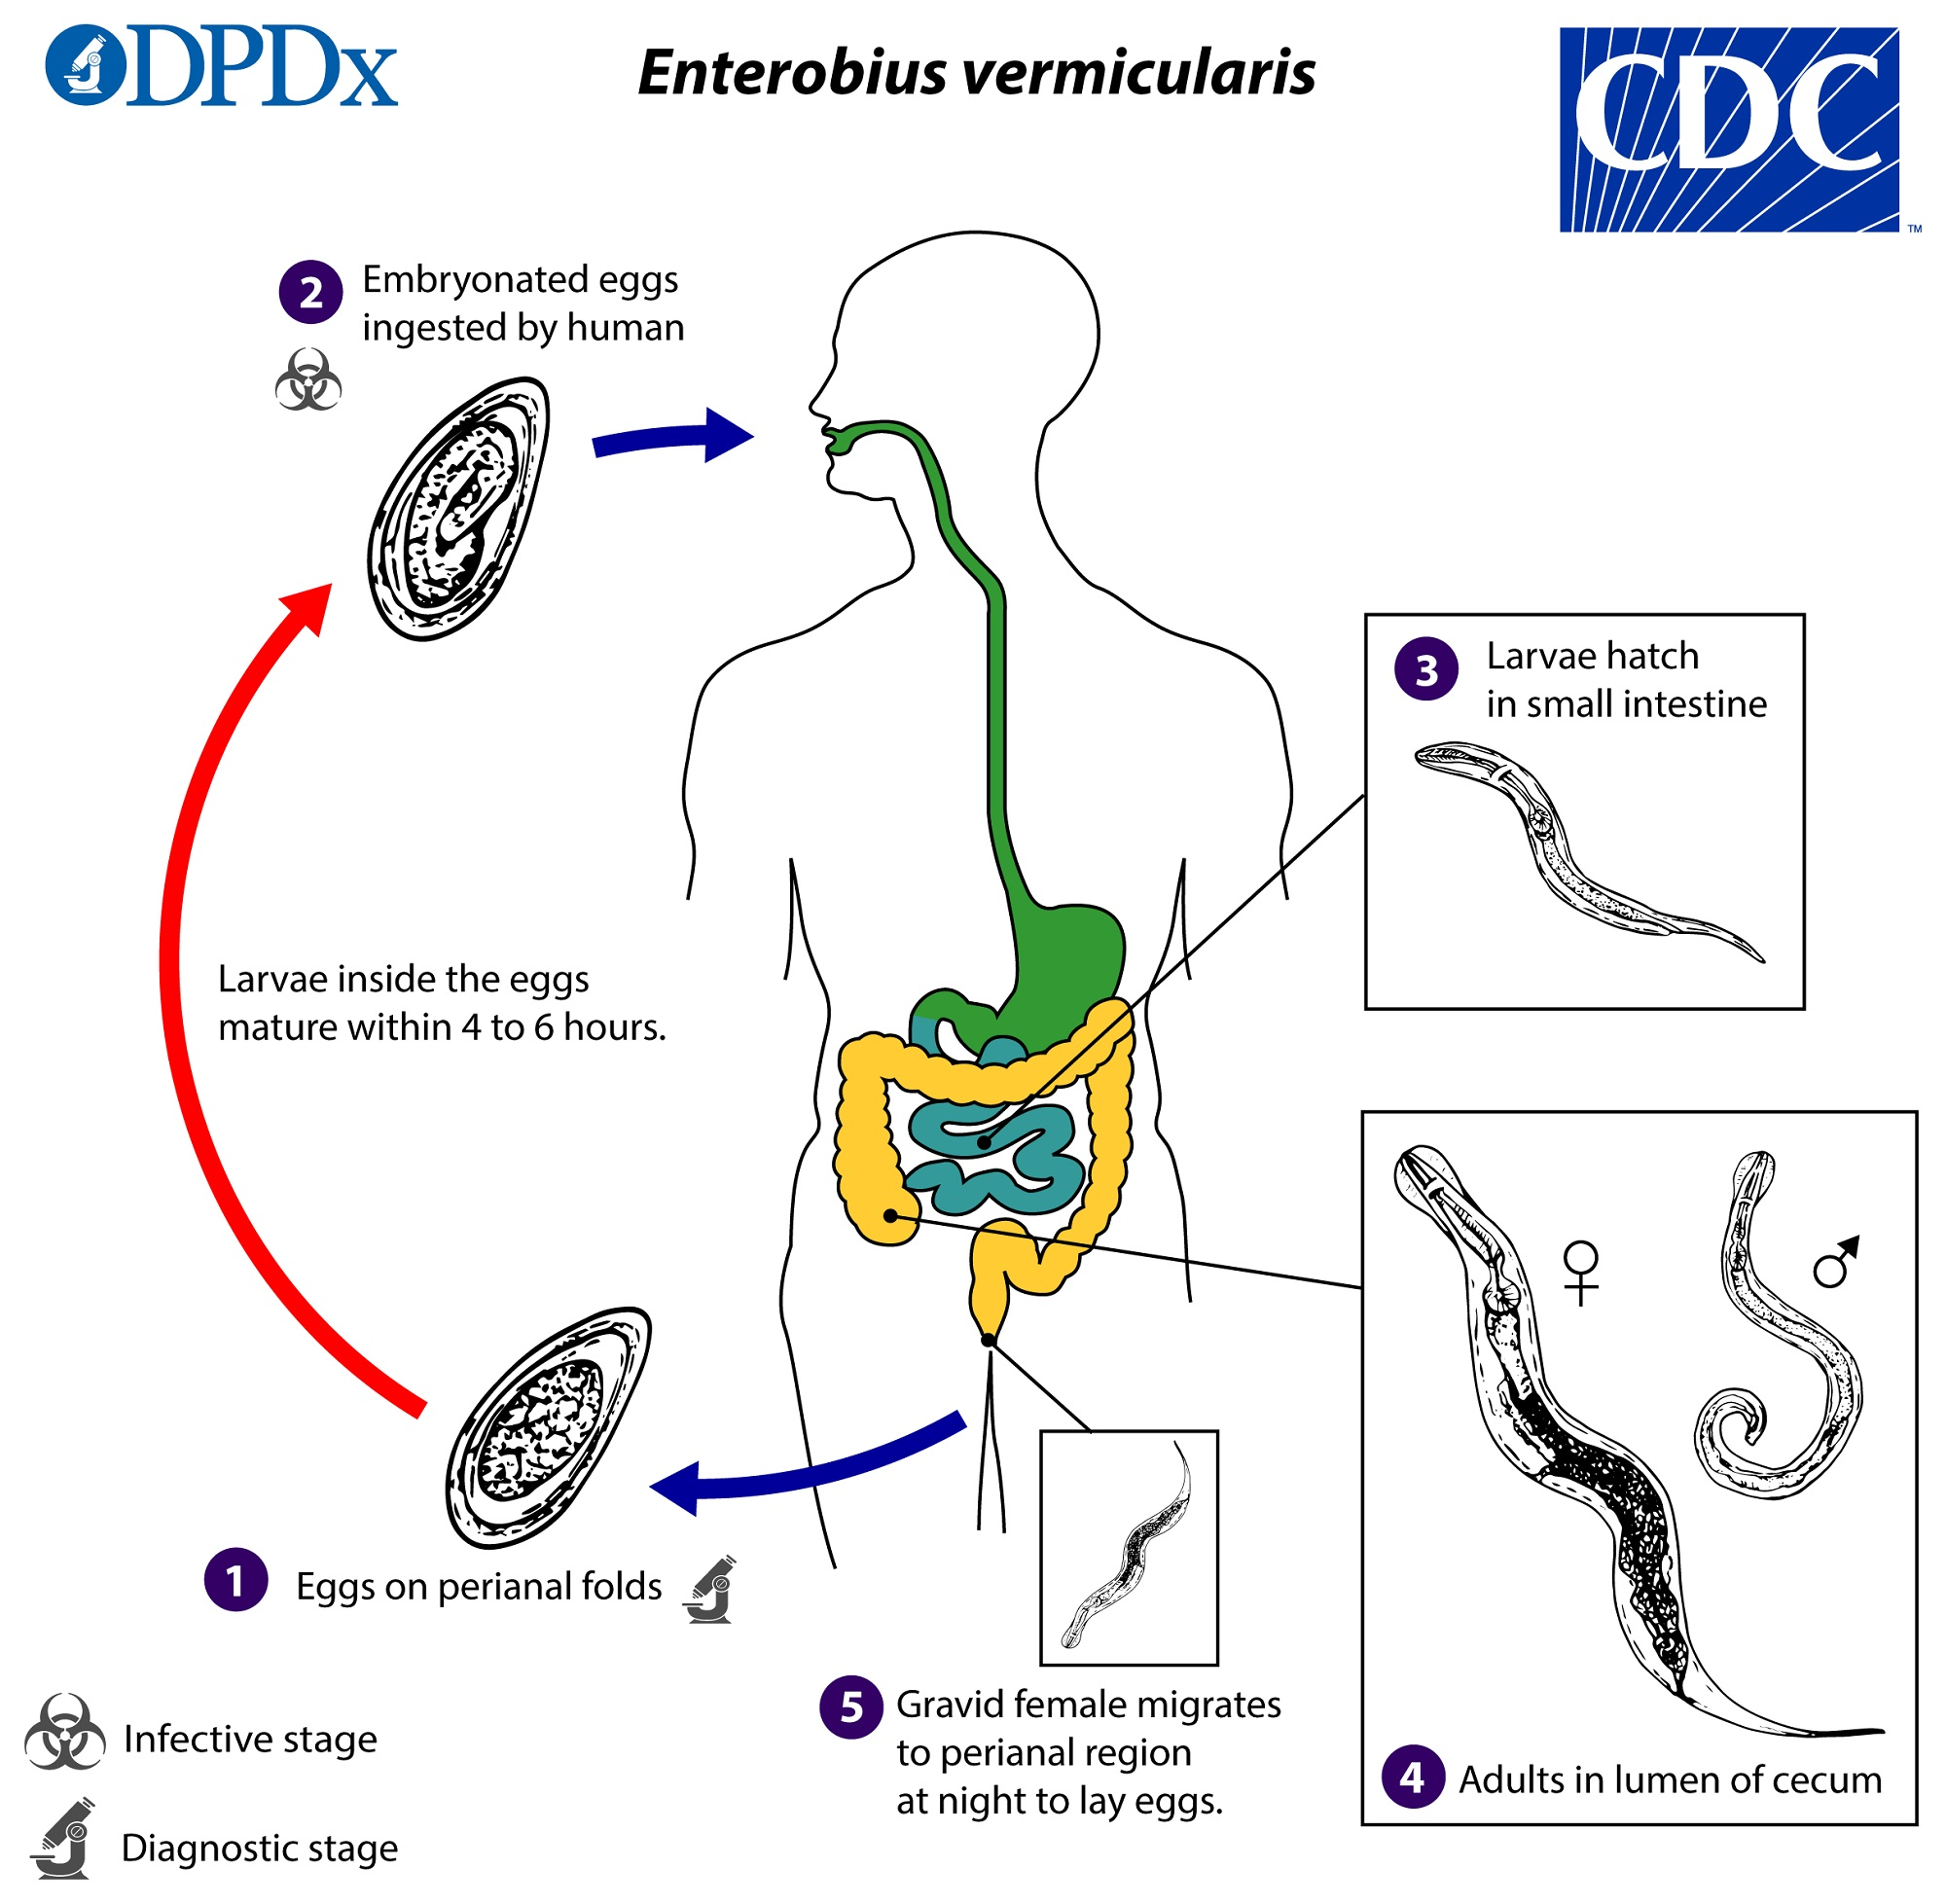 hpv vírus rak grlica maternice paraziták elleni gyógyszereket kell szednie